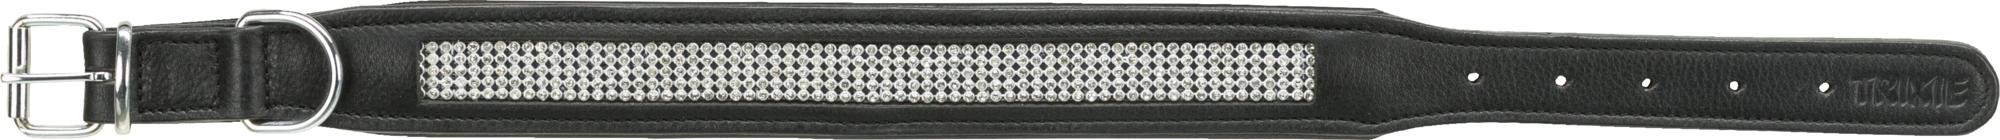 TRIXIE Active Comfort Halsband mit Strass, Leder TRIXIE Active Comfort Halsband mit Strass, Leder, M: 38–48 cm/25 mm, schwarz